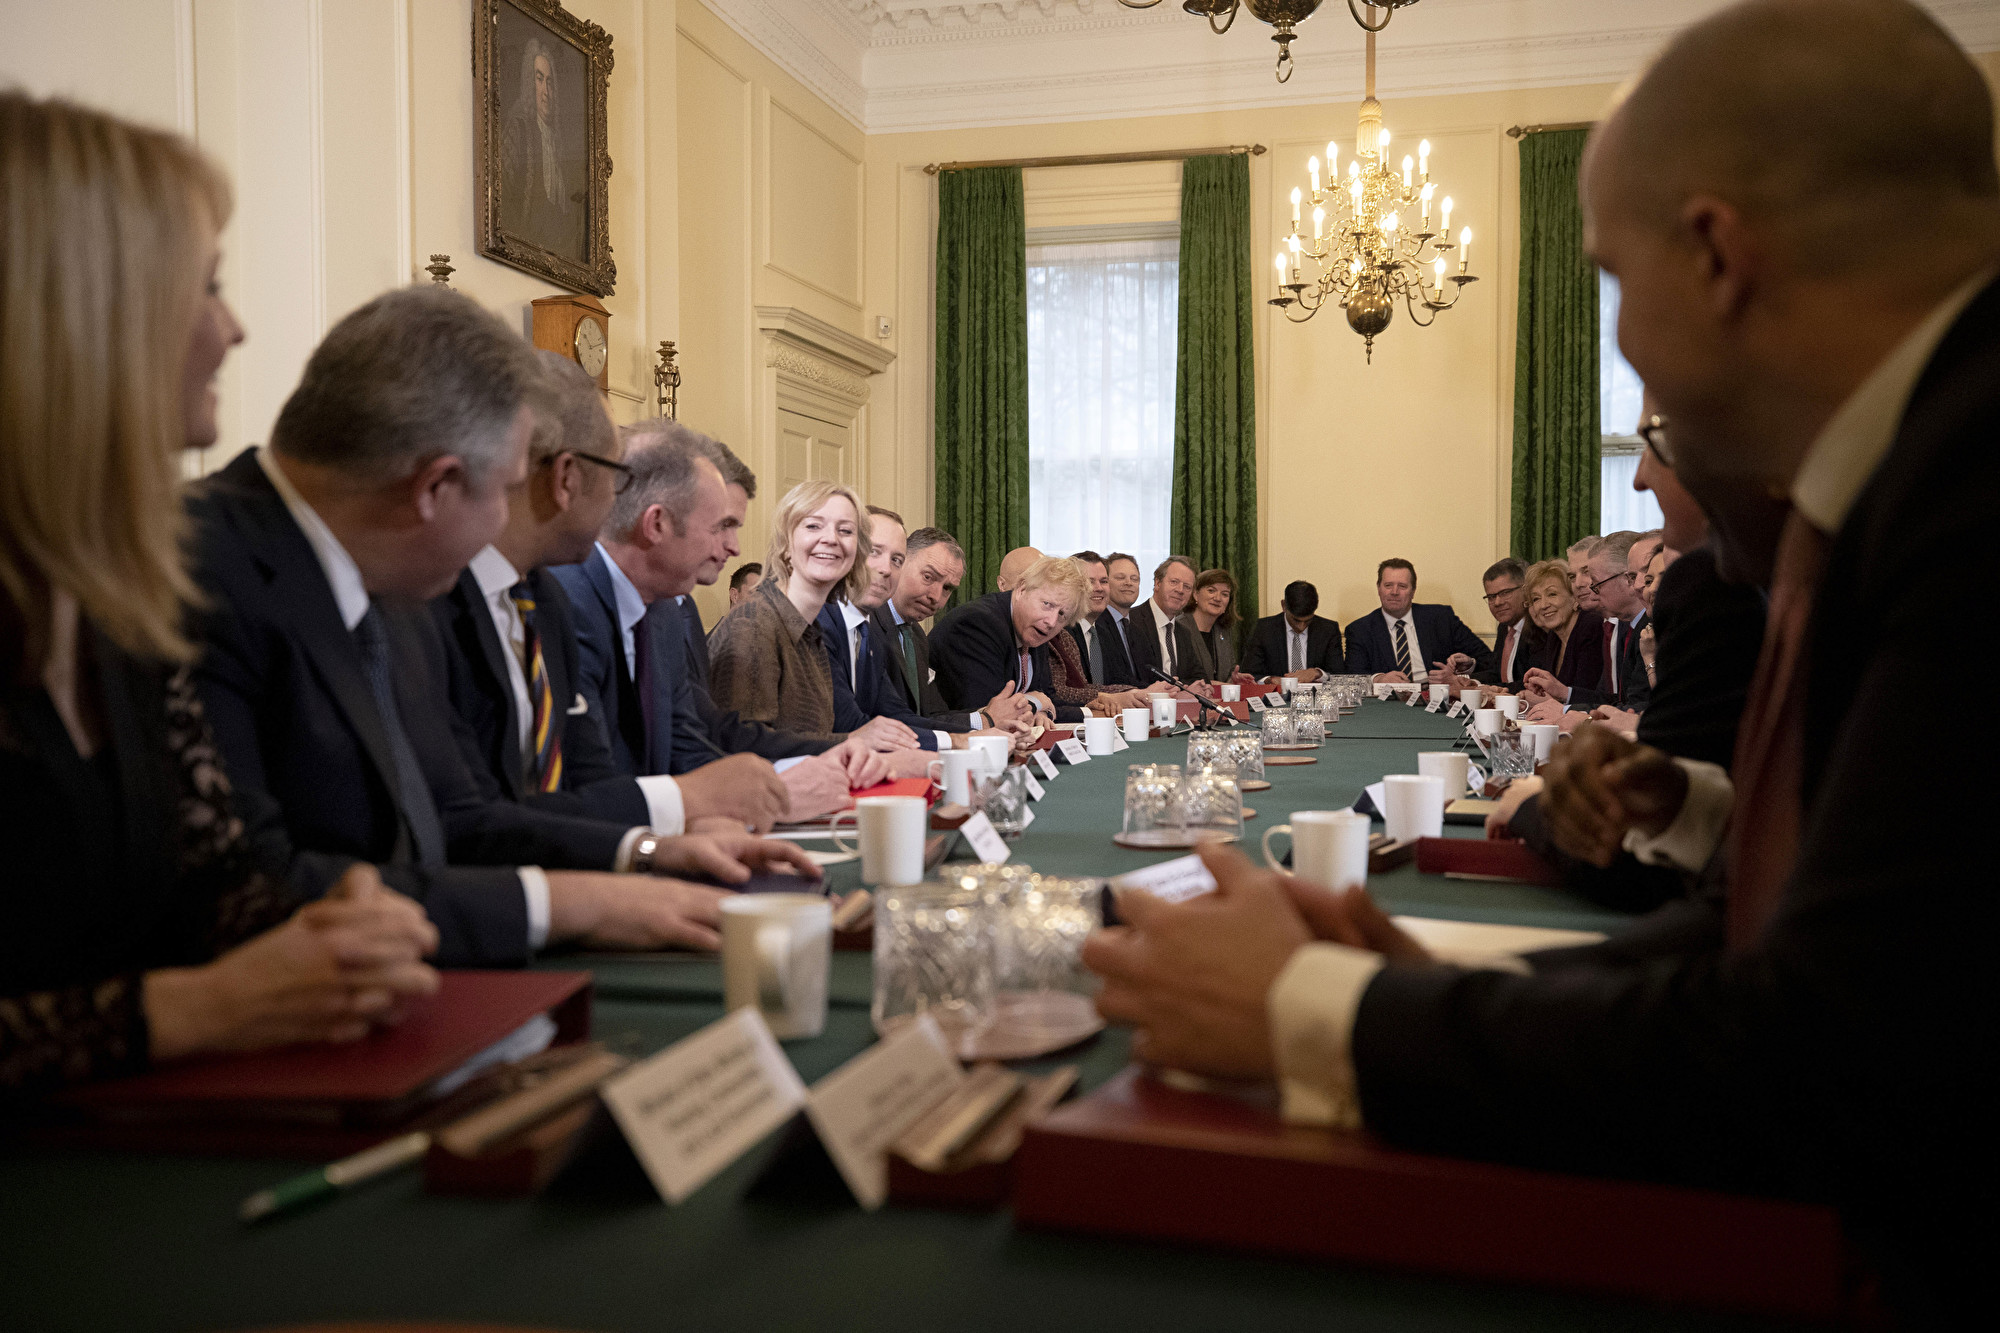 防範中俄間諜成重點 英新內閣擬修改叛國法